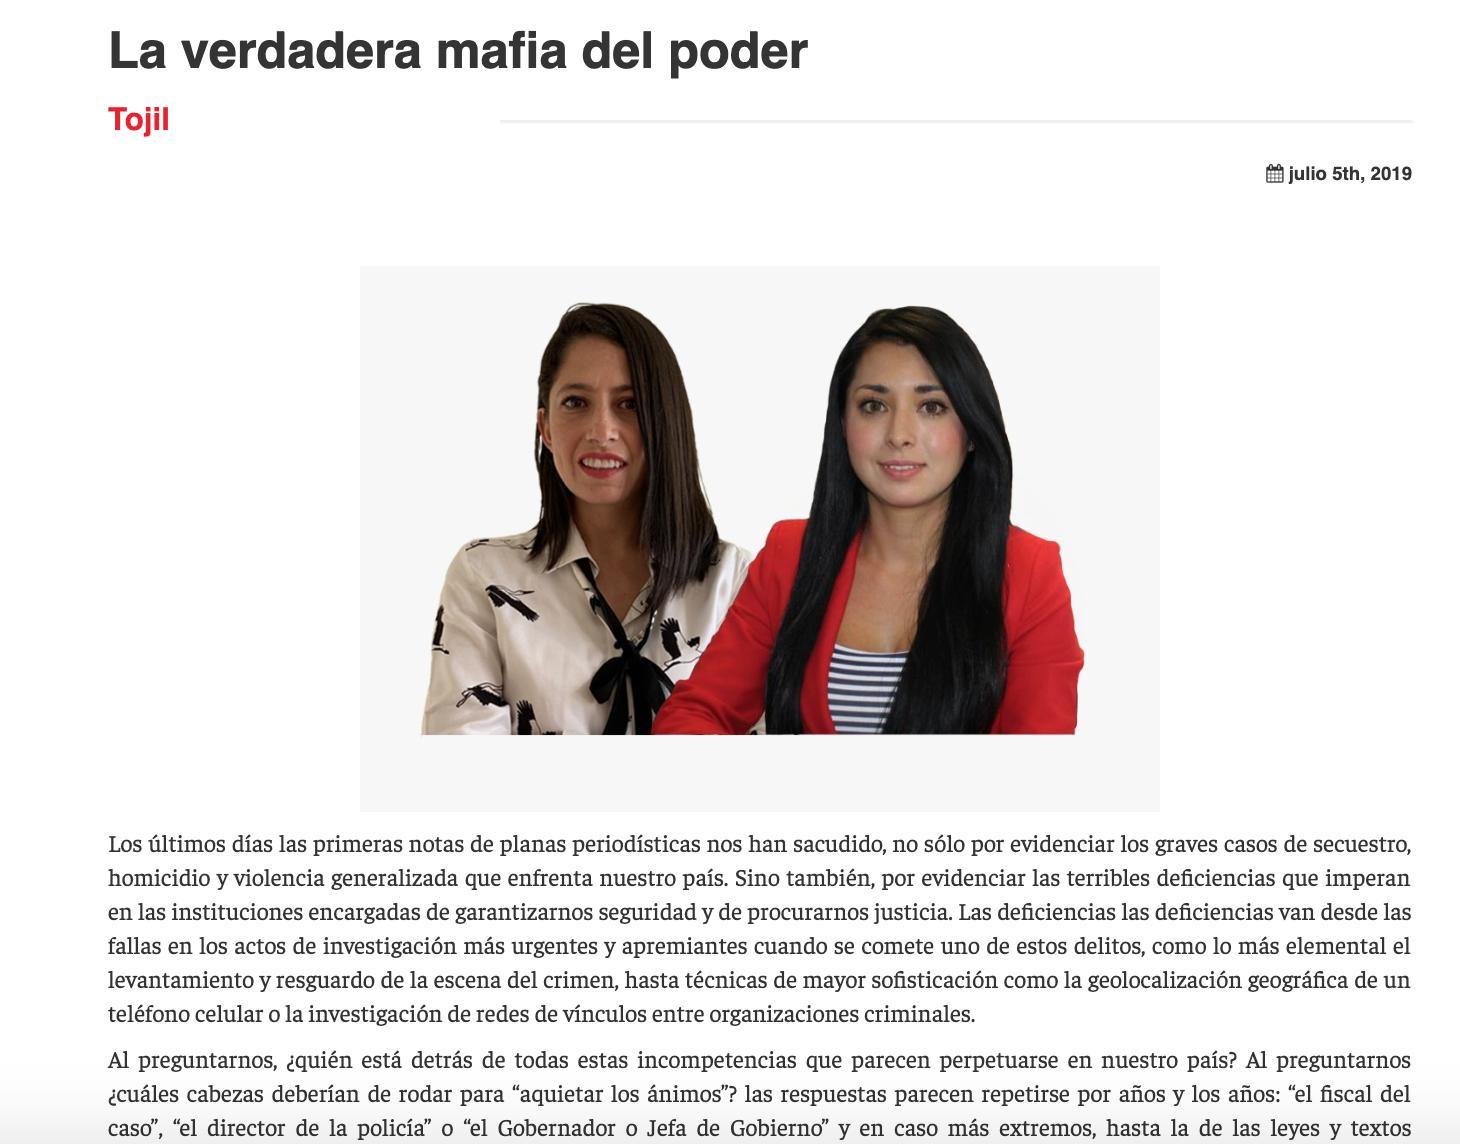 mafia_del_poder.png